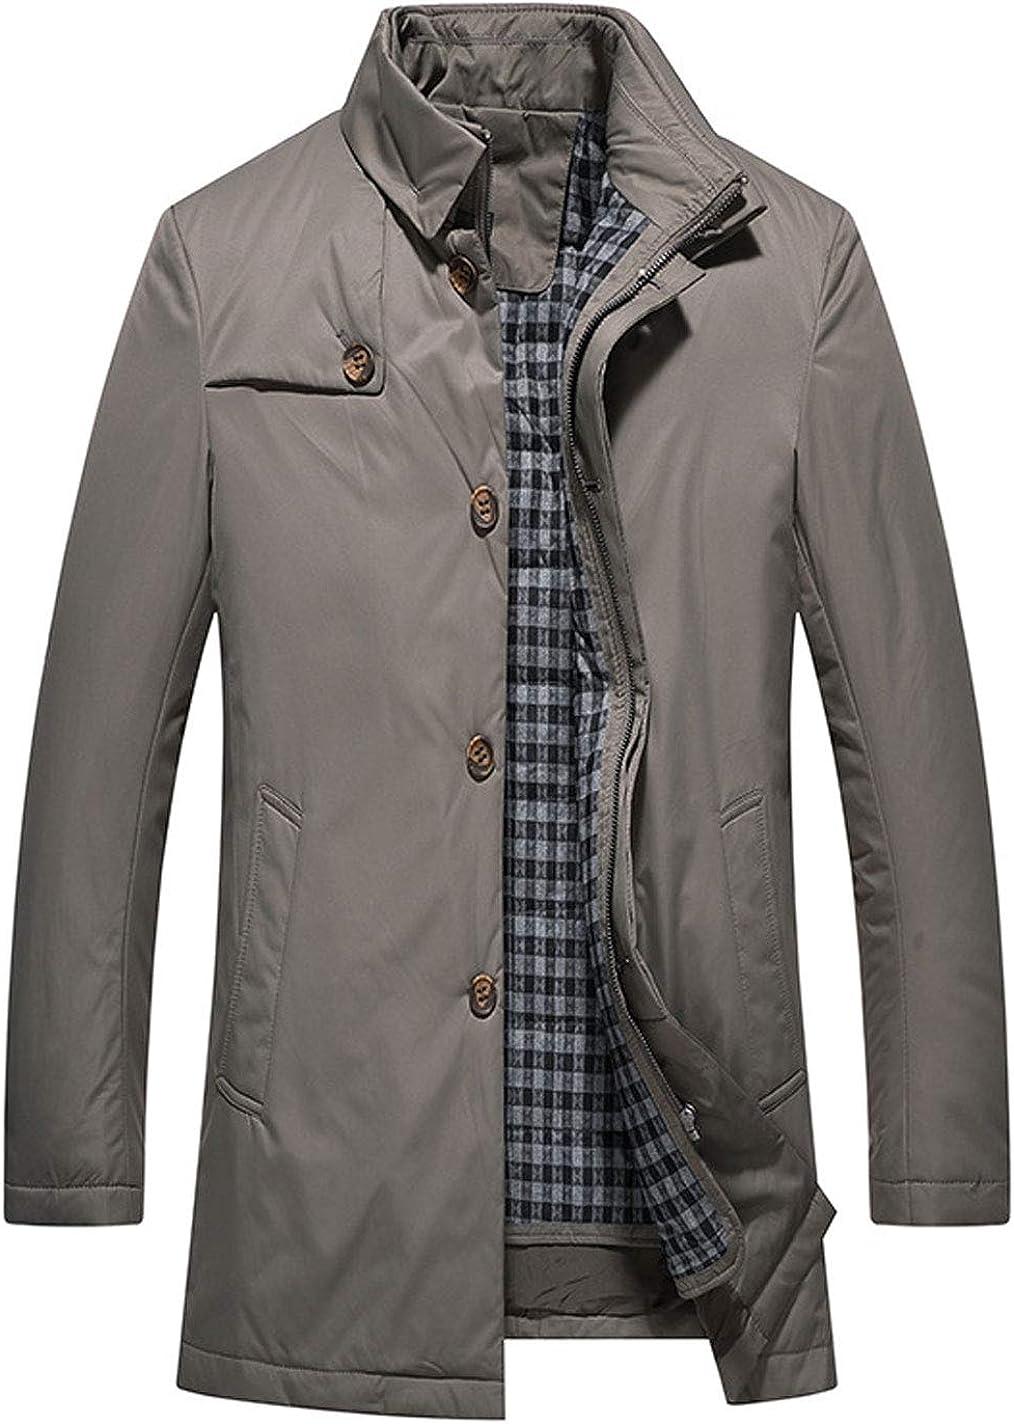 ebossy Men's Winter Thicken Jacket with Zip Down Vest